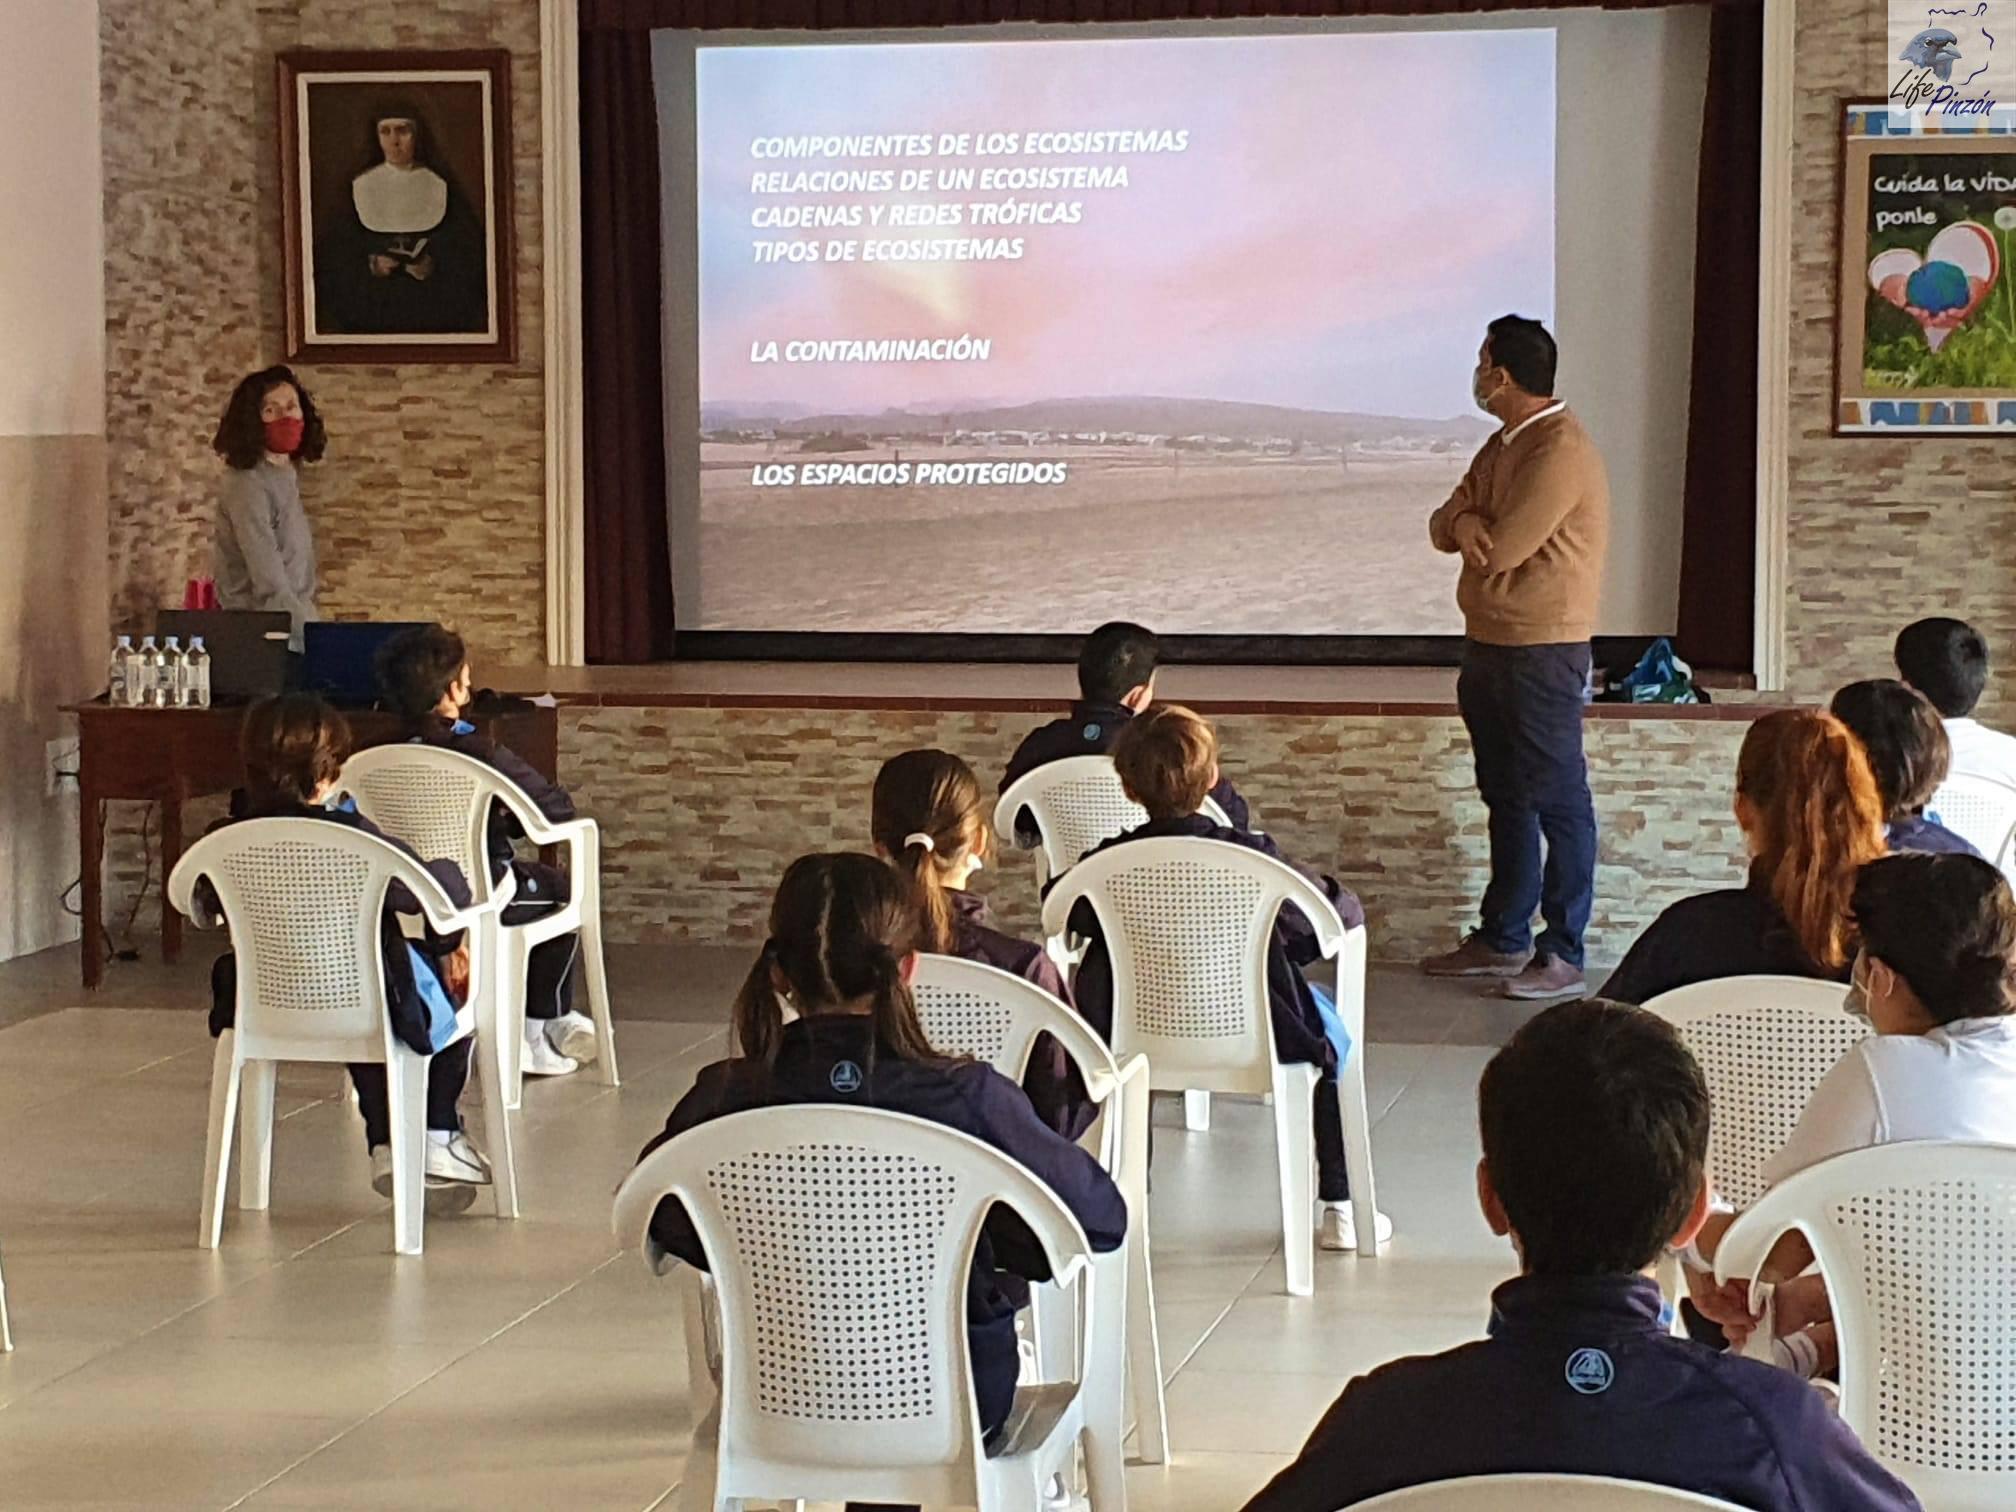 Presentación en el Colegio María Auxiliadora Telde